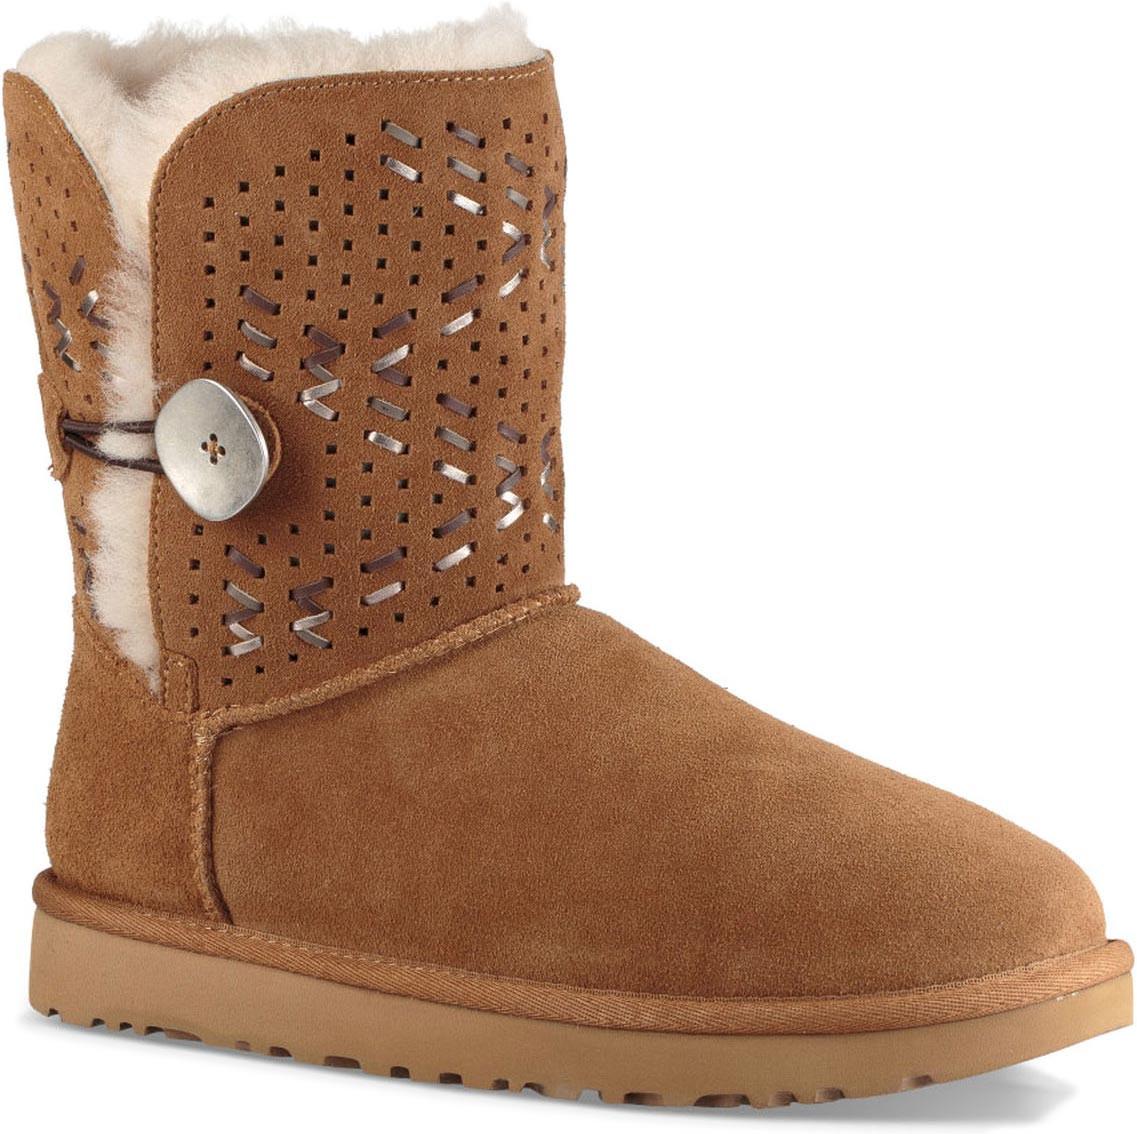 ugg boots women bailey button nz